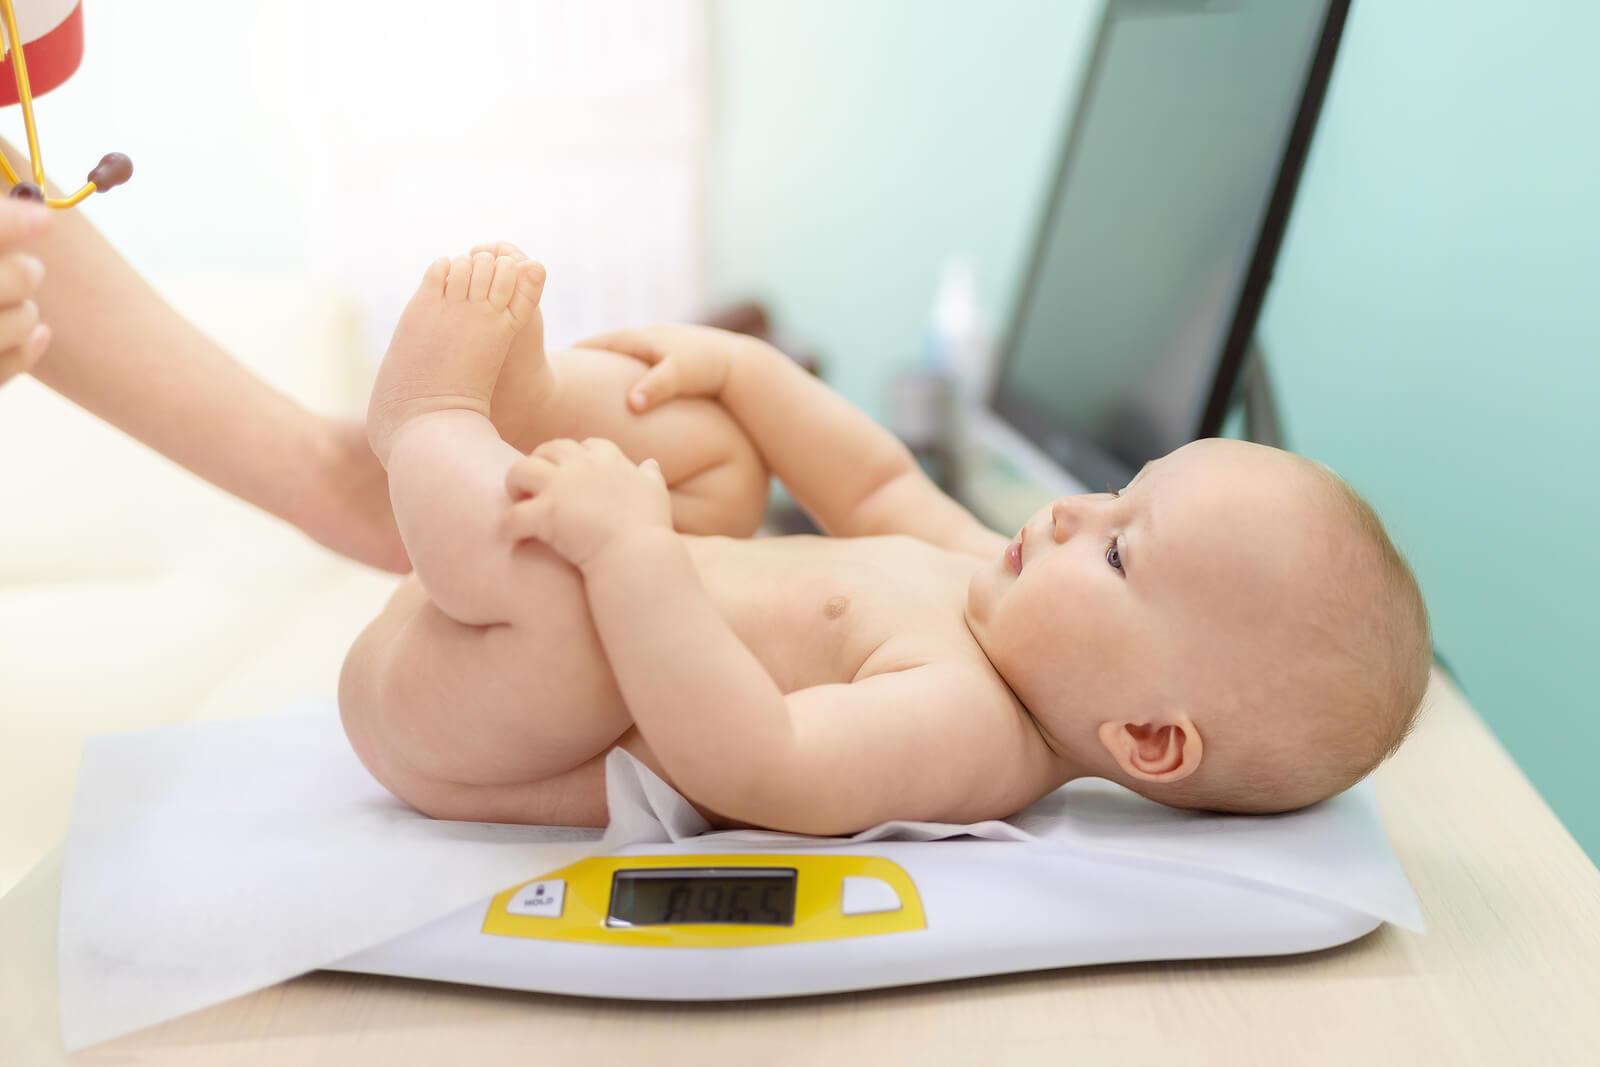 Bébé chez le pédiatre pour vérifier son poids et sa taille.